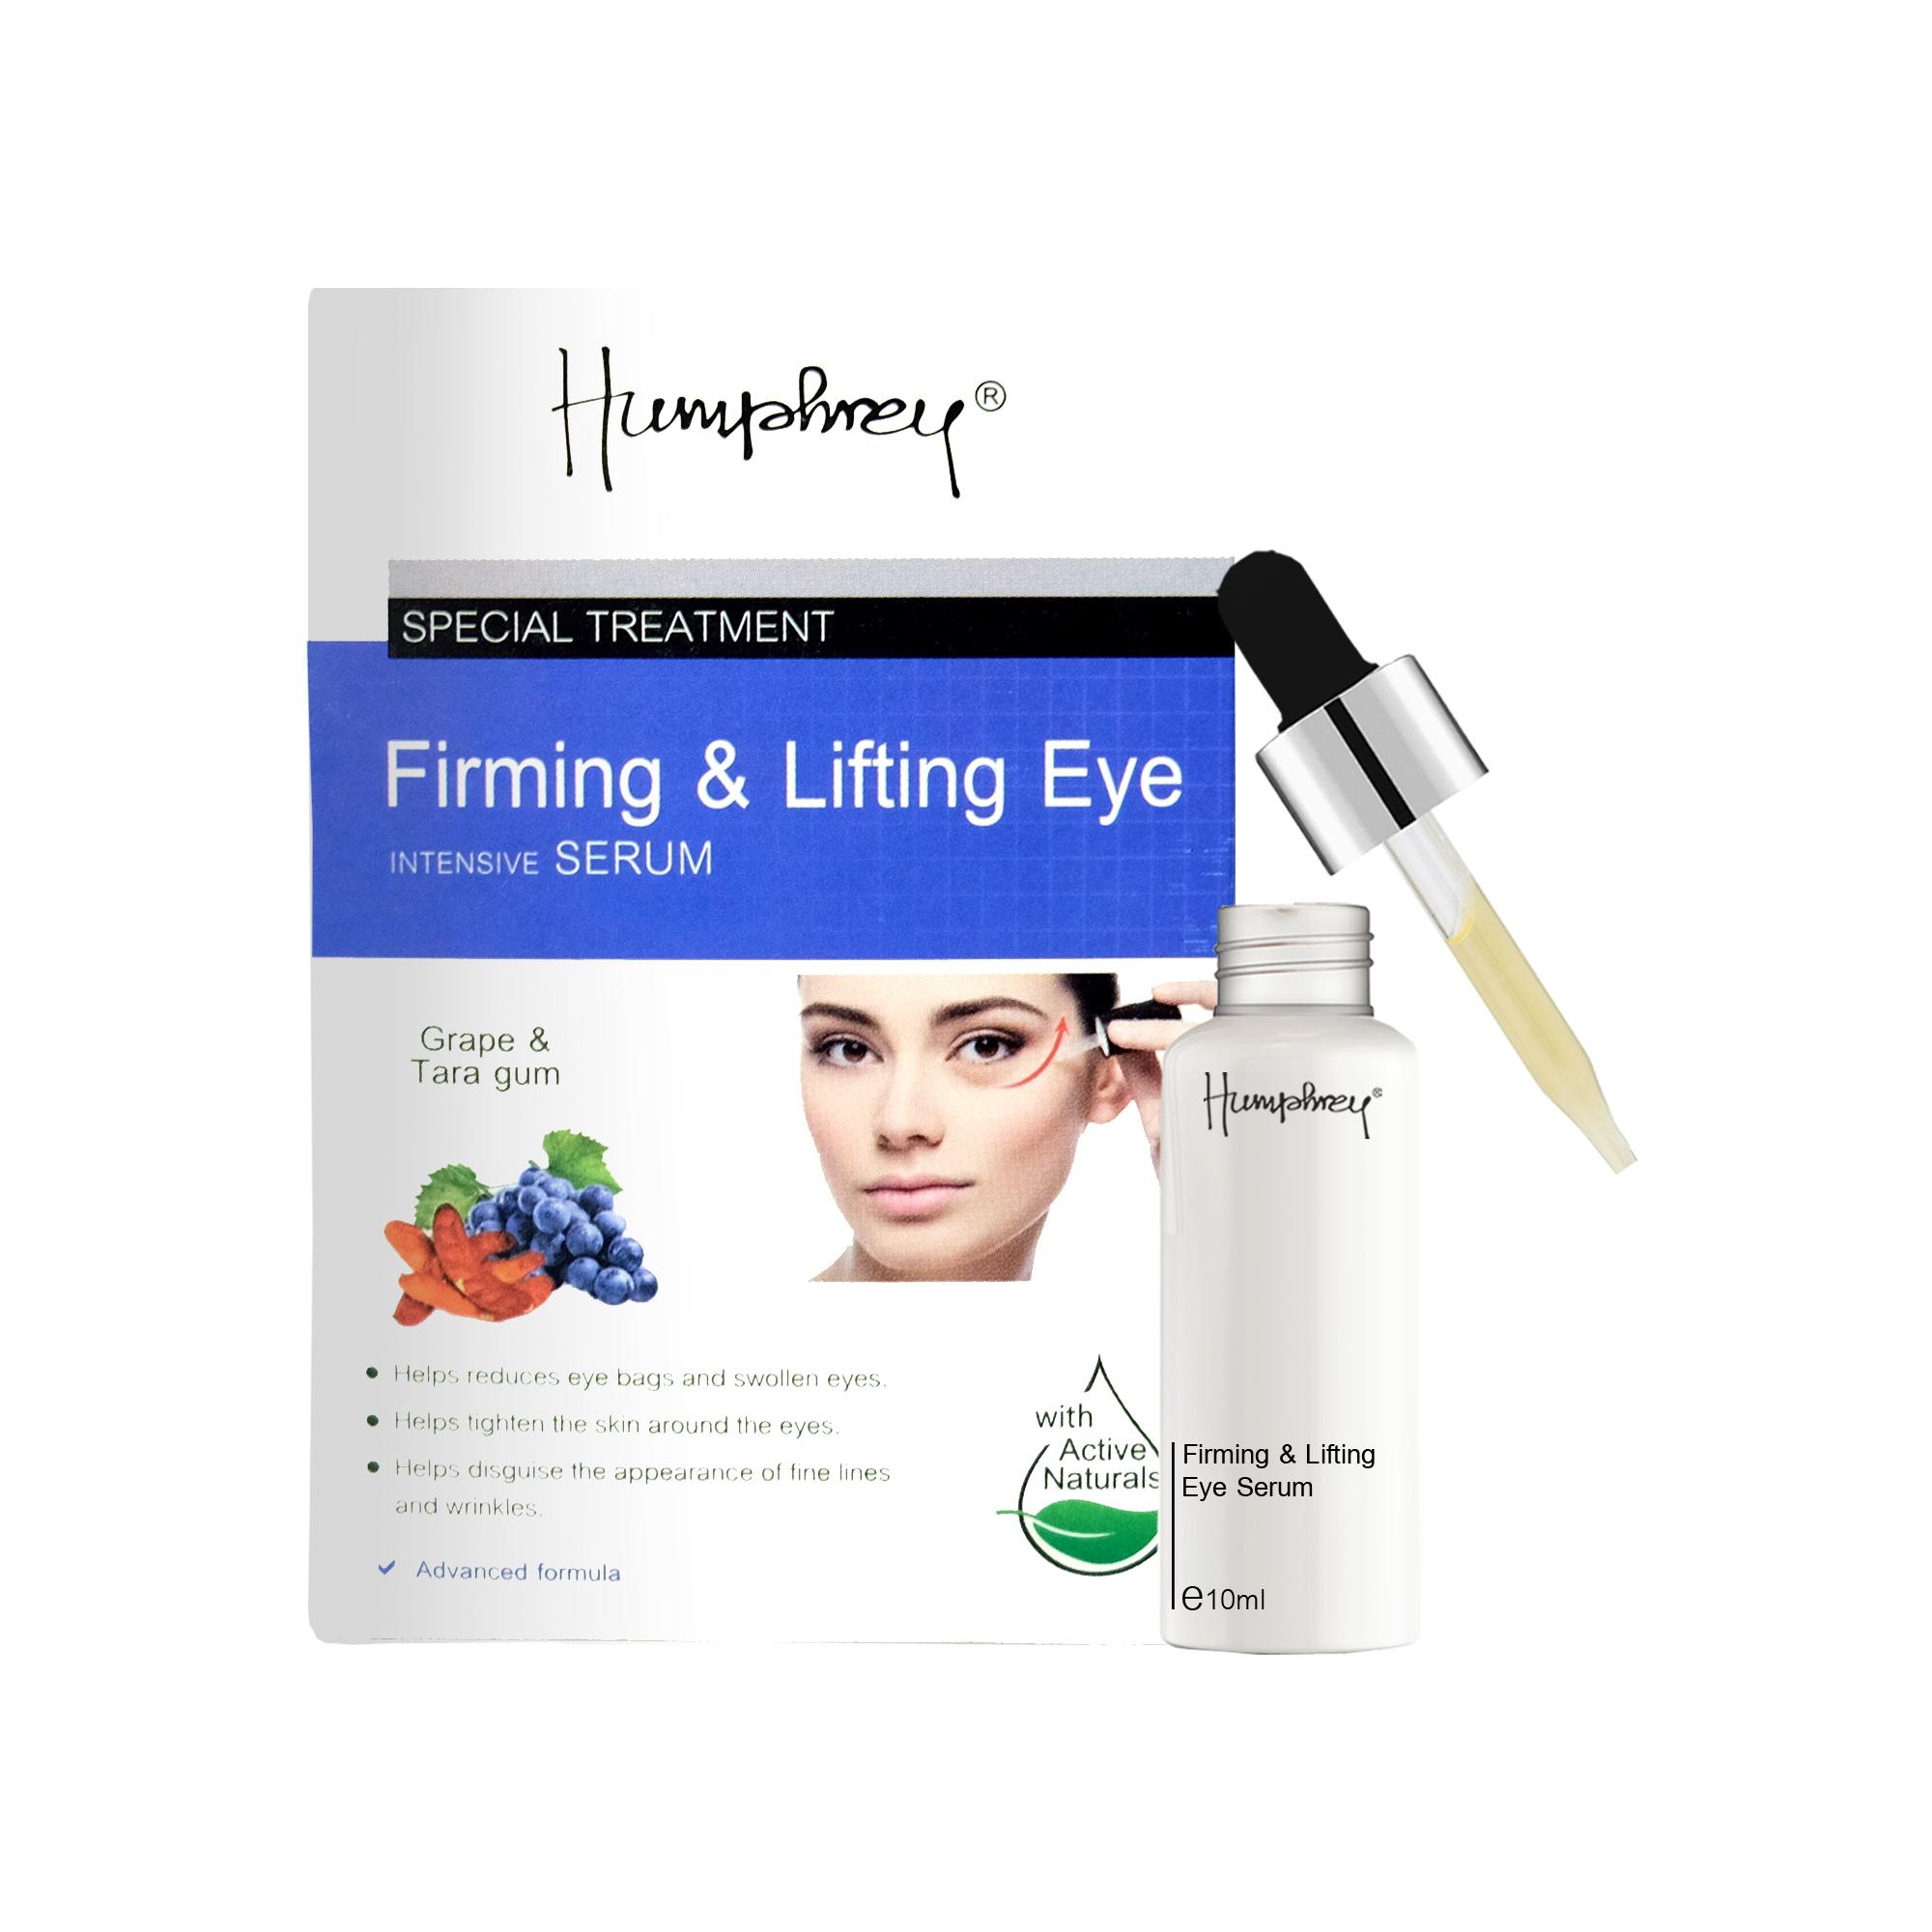 Humphrey Skincare Firming & Lifting Eye Serum